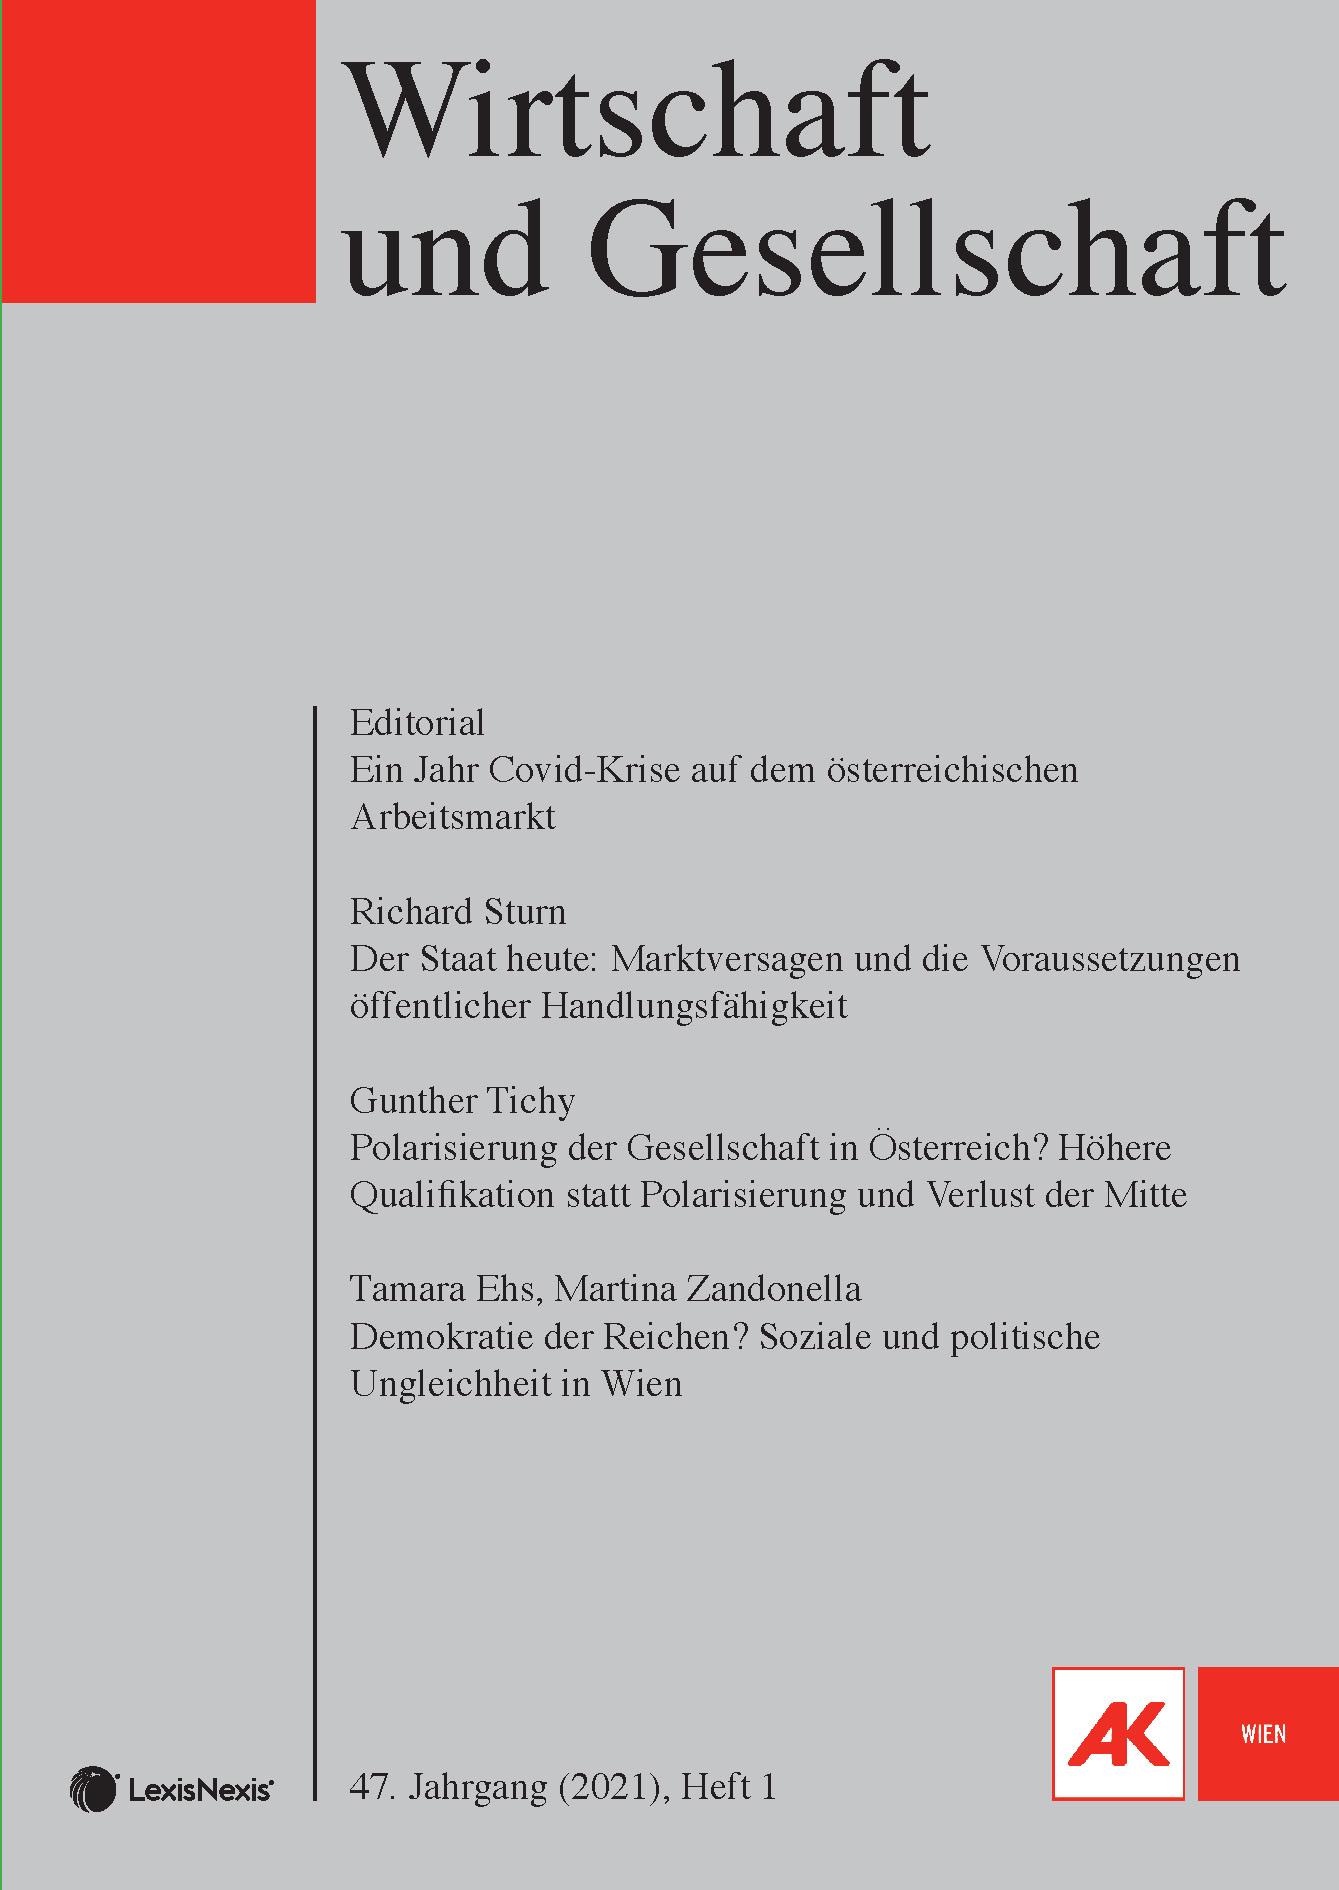 Titelseite der Zeitschrift Wirtschaft und Gesellschaft. Nummer  1, 2021, 47. Jahrgang